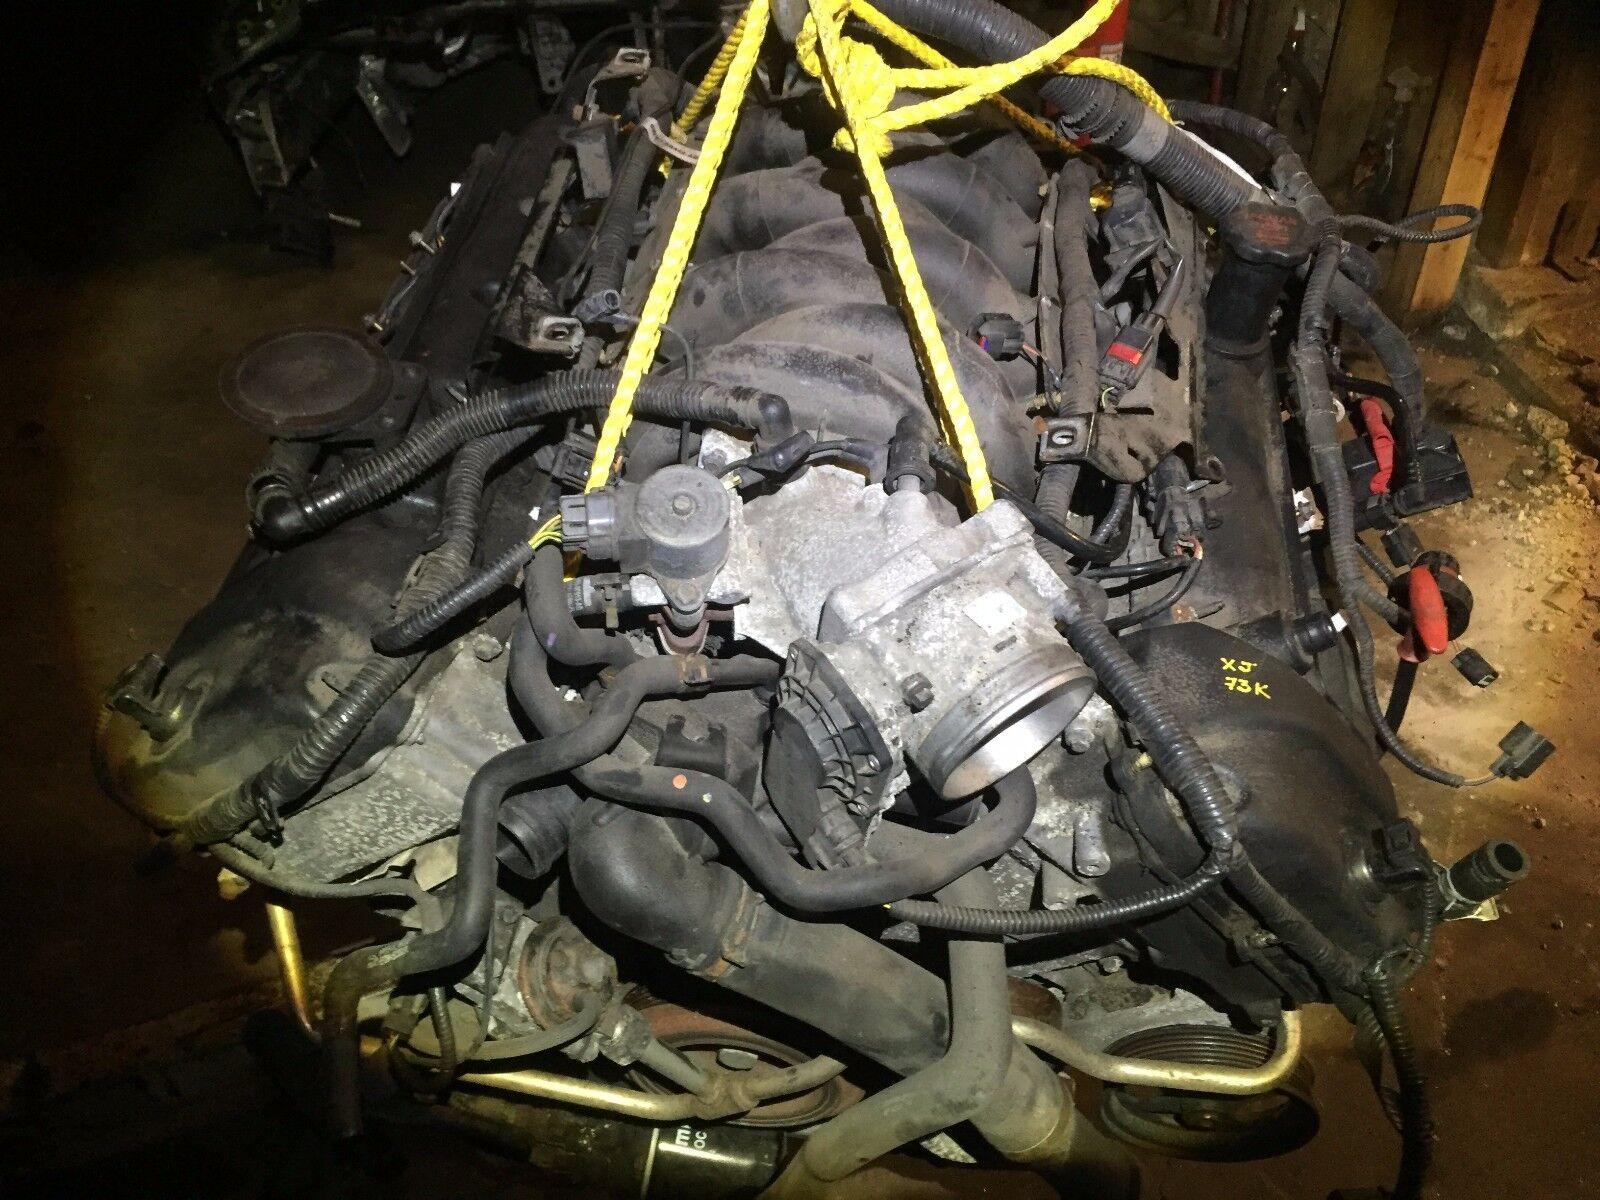 Used Jaguar Xj8 Engines For Sale 1998 Engine Diagram Oil Pump Vandenplas 42l V8 Fi Dohc F Motor With 73k Miles No Supercharged